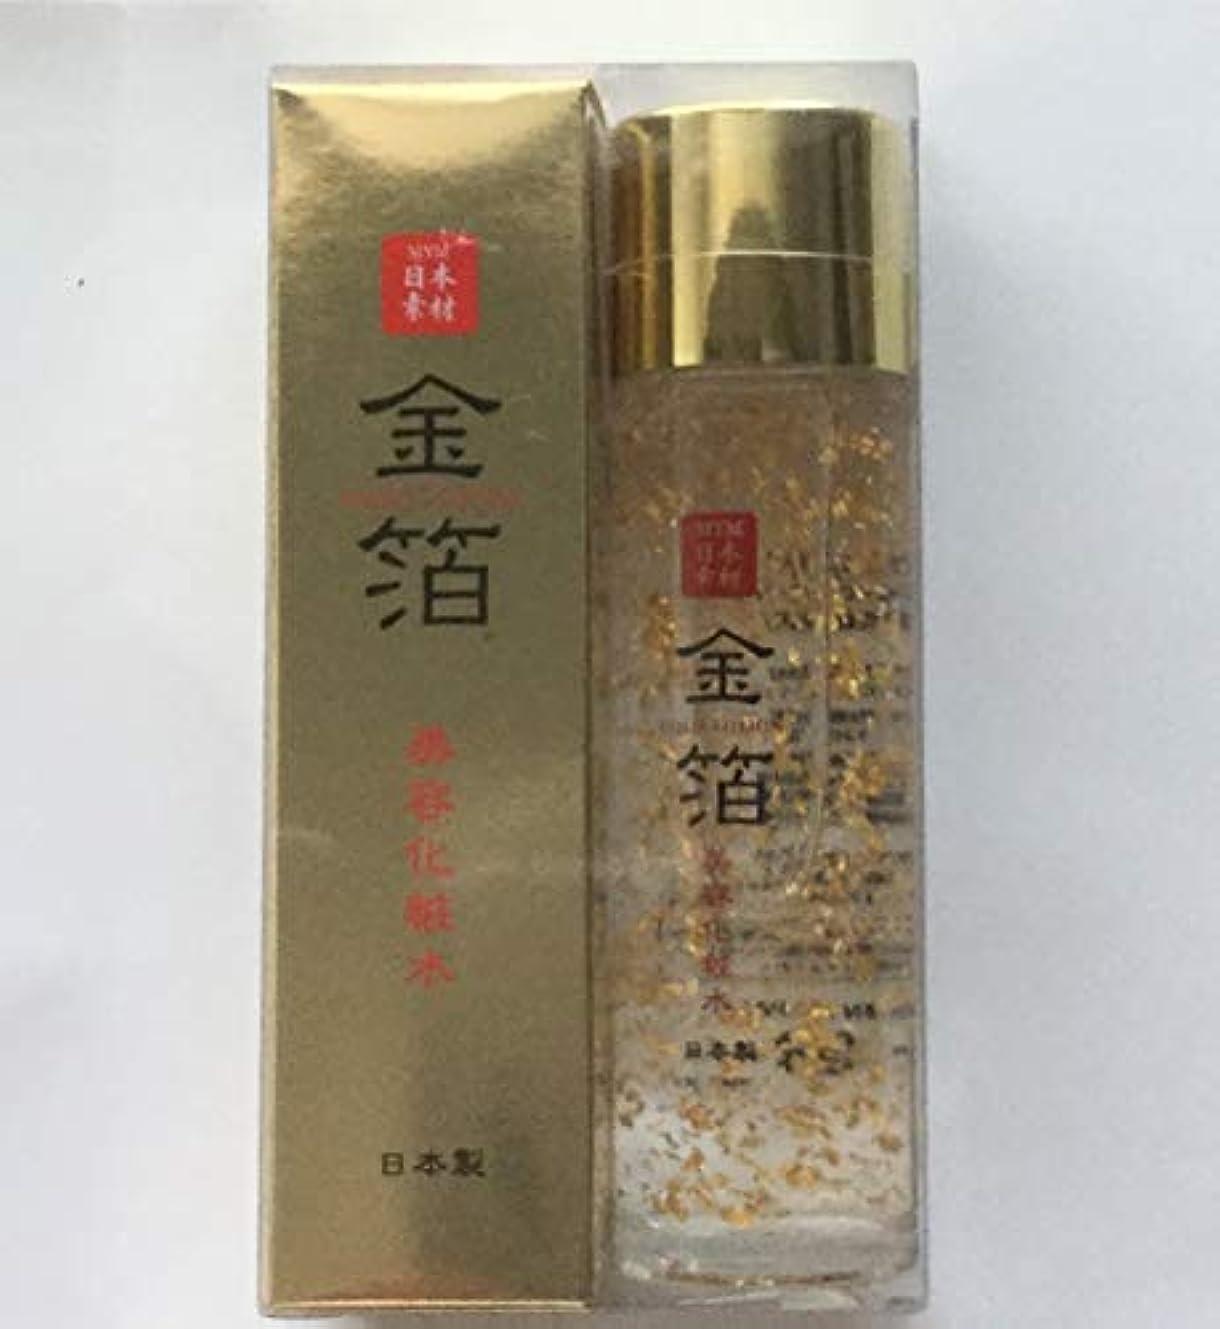 キリストインペリアル存在する金箔美容化粧水 120ml